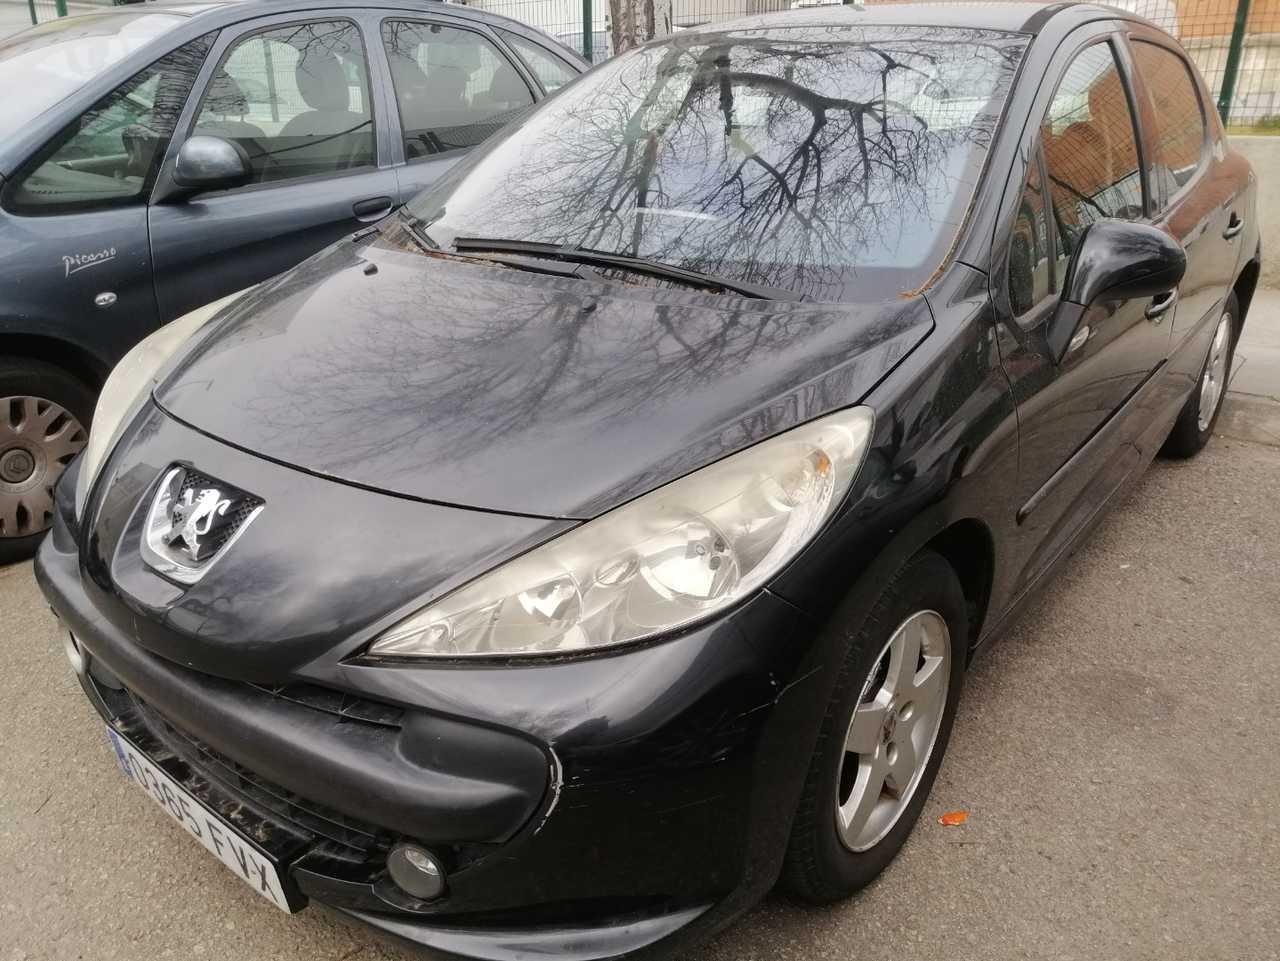 Peugeot 207 1.4 gasolina   - Foto 1